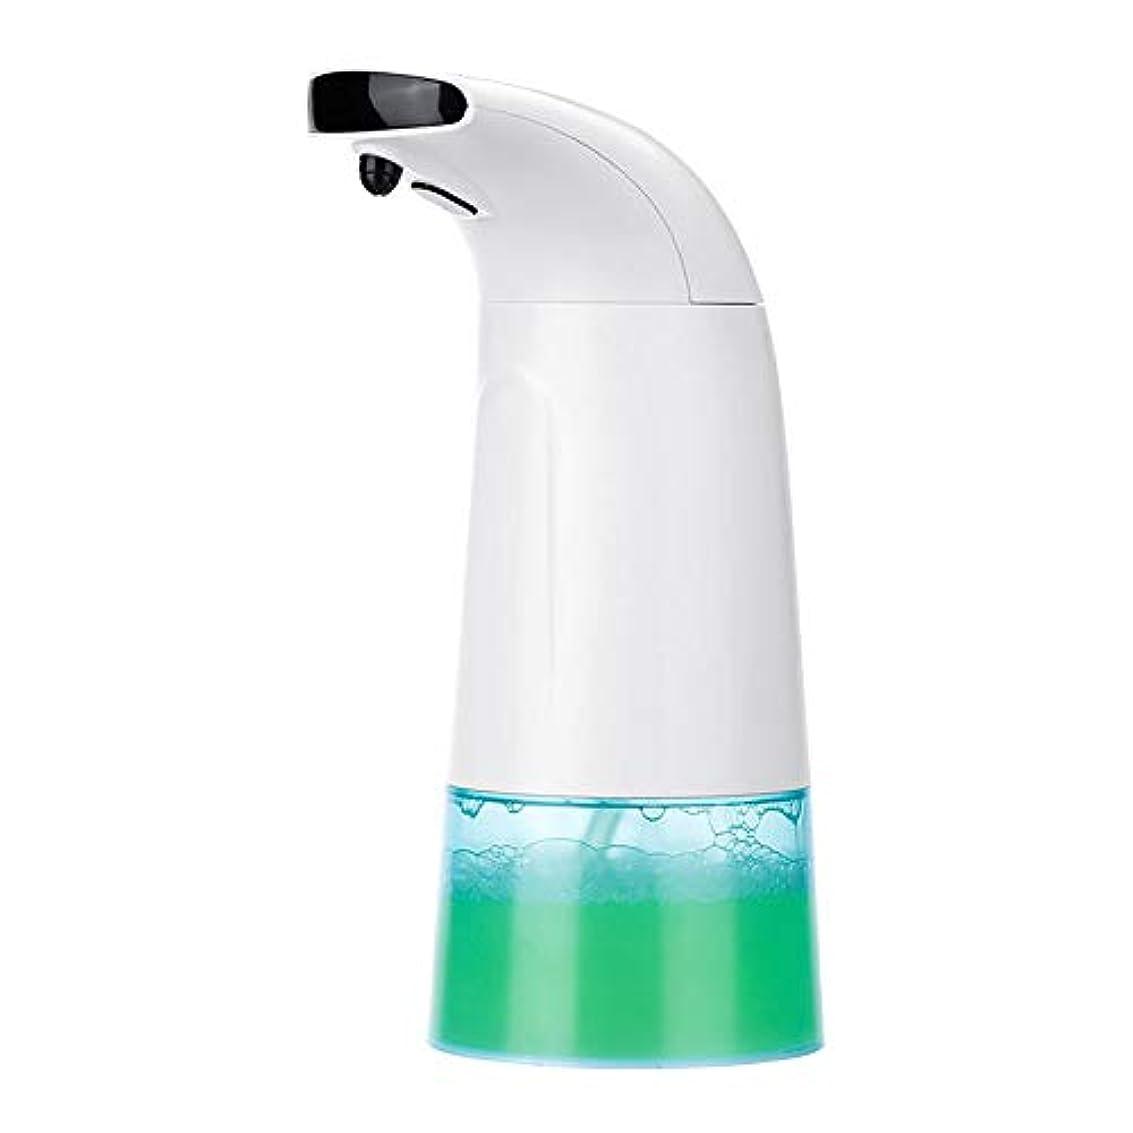 ジレンママトリックス計算可能自動石鹸ディスペンサータッチレスモーションセンサー、浴室のための石鹸ディスペンサー台所のために理想的な自動手の消毒剤ホテルの休憩所洗面所の洗面所250ml容量